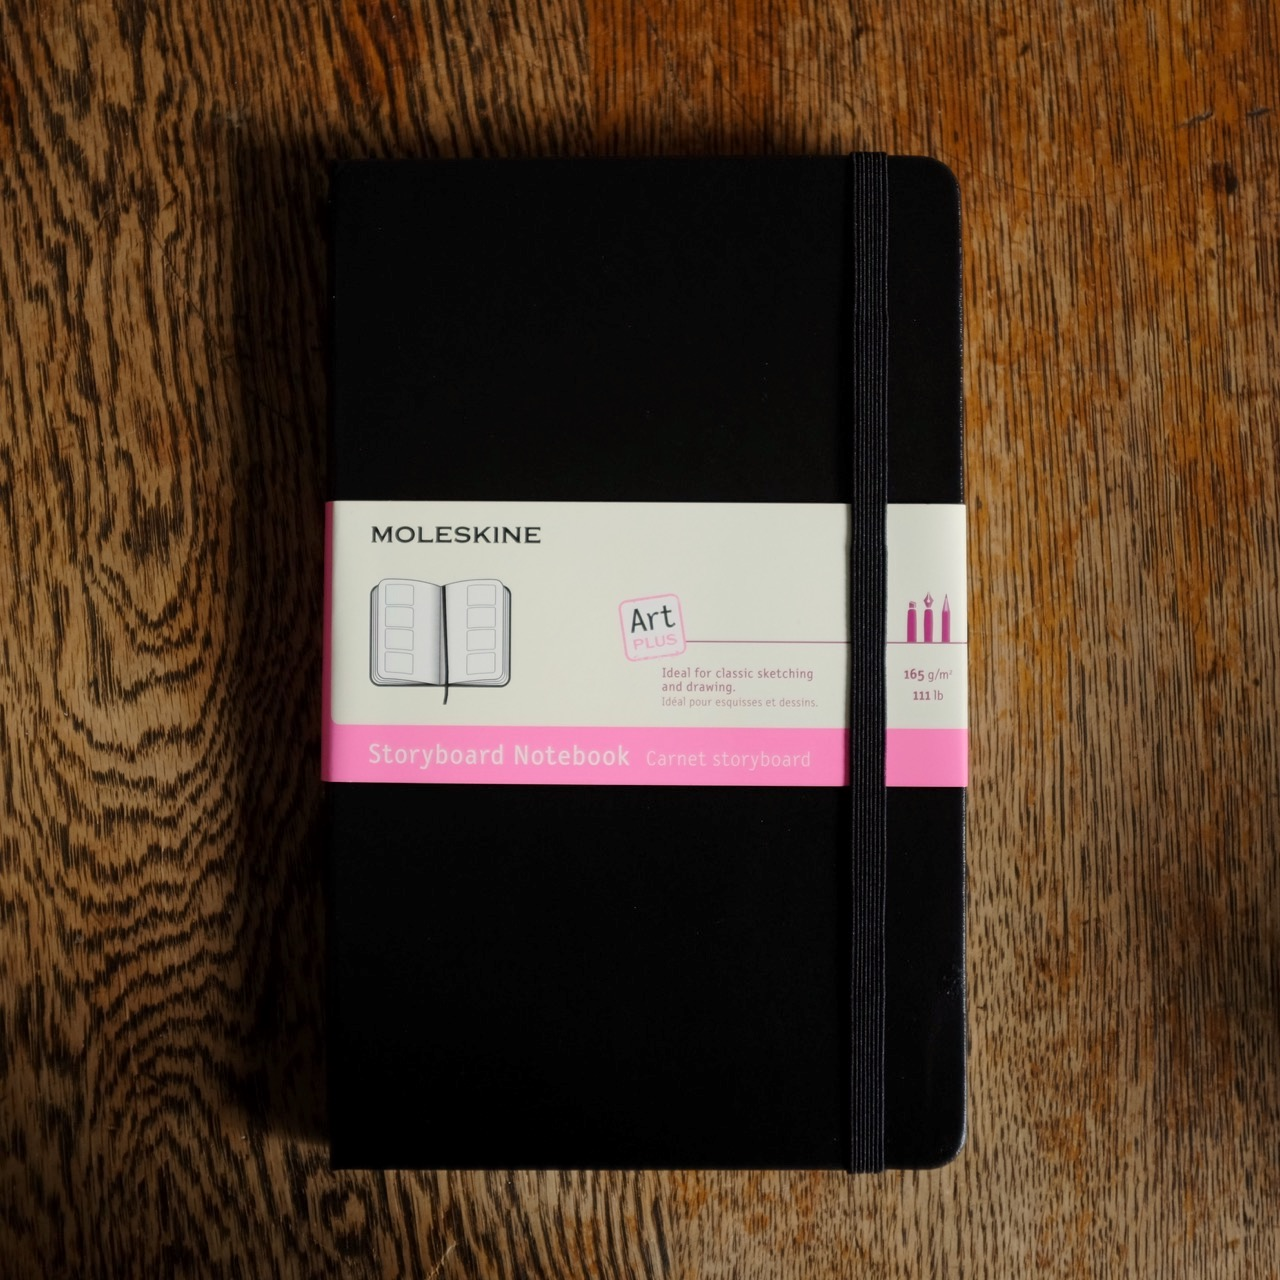 Storyboard Moleskine Notebook DSCF5221.jpg